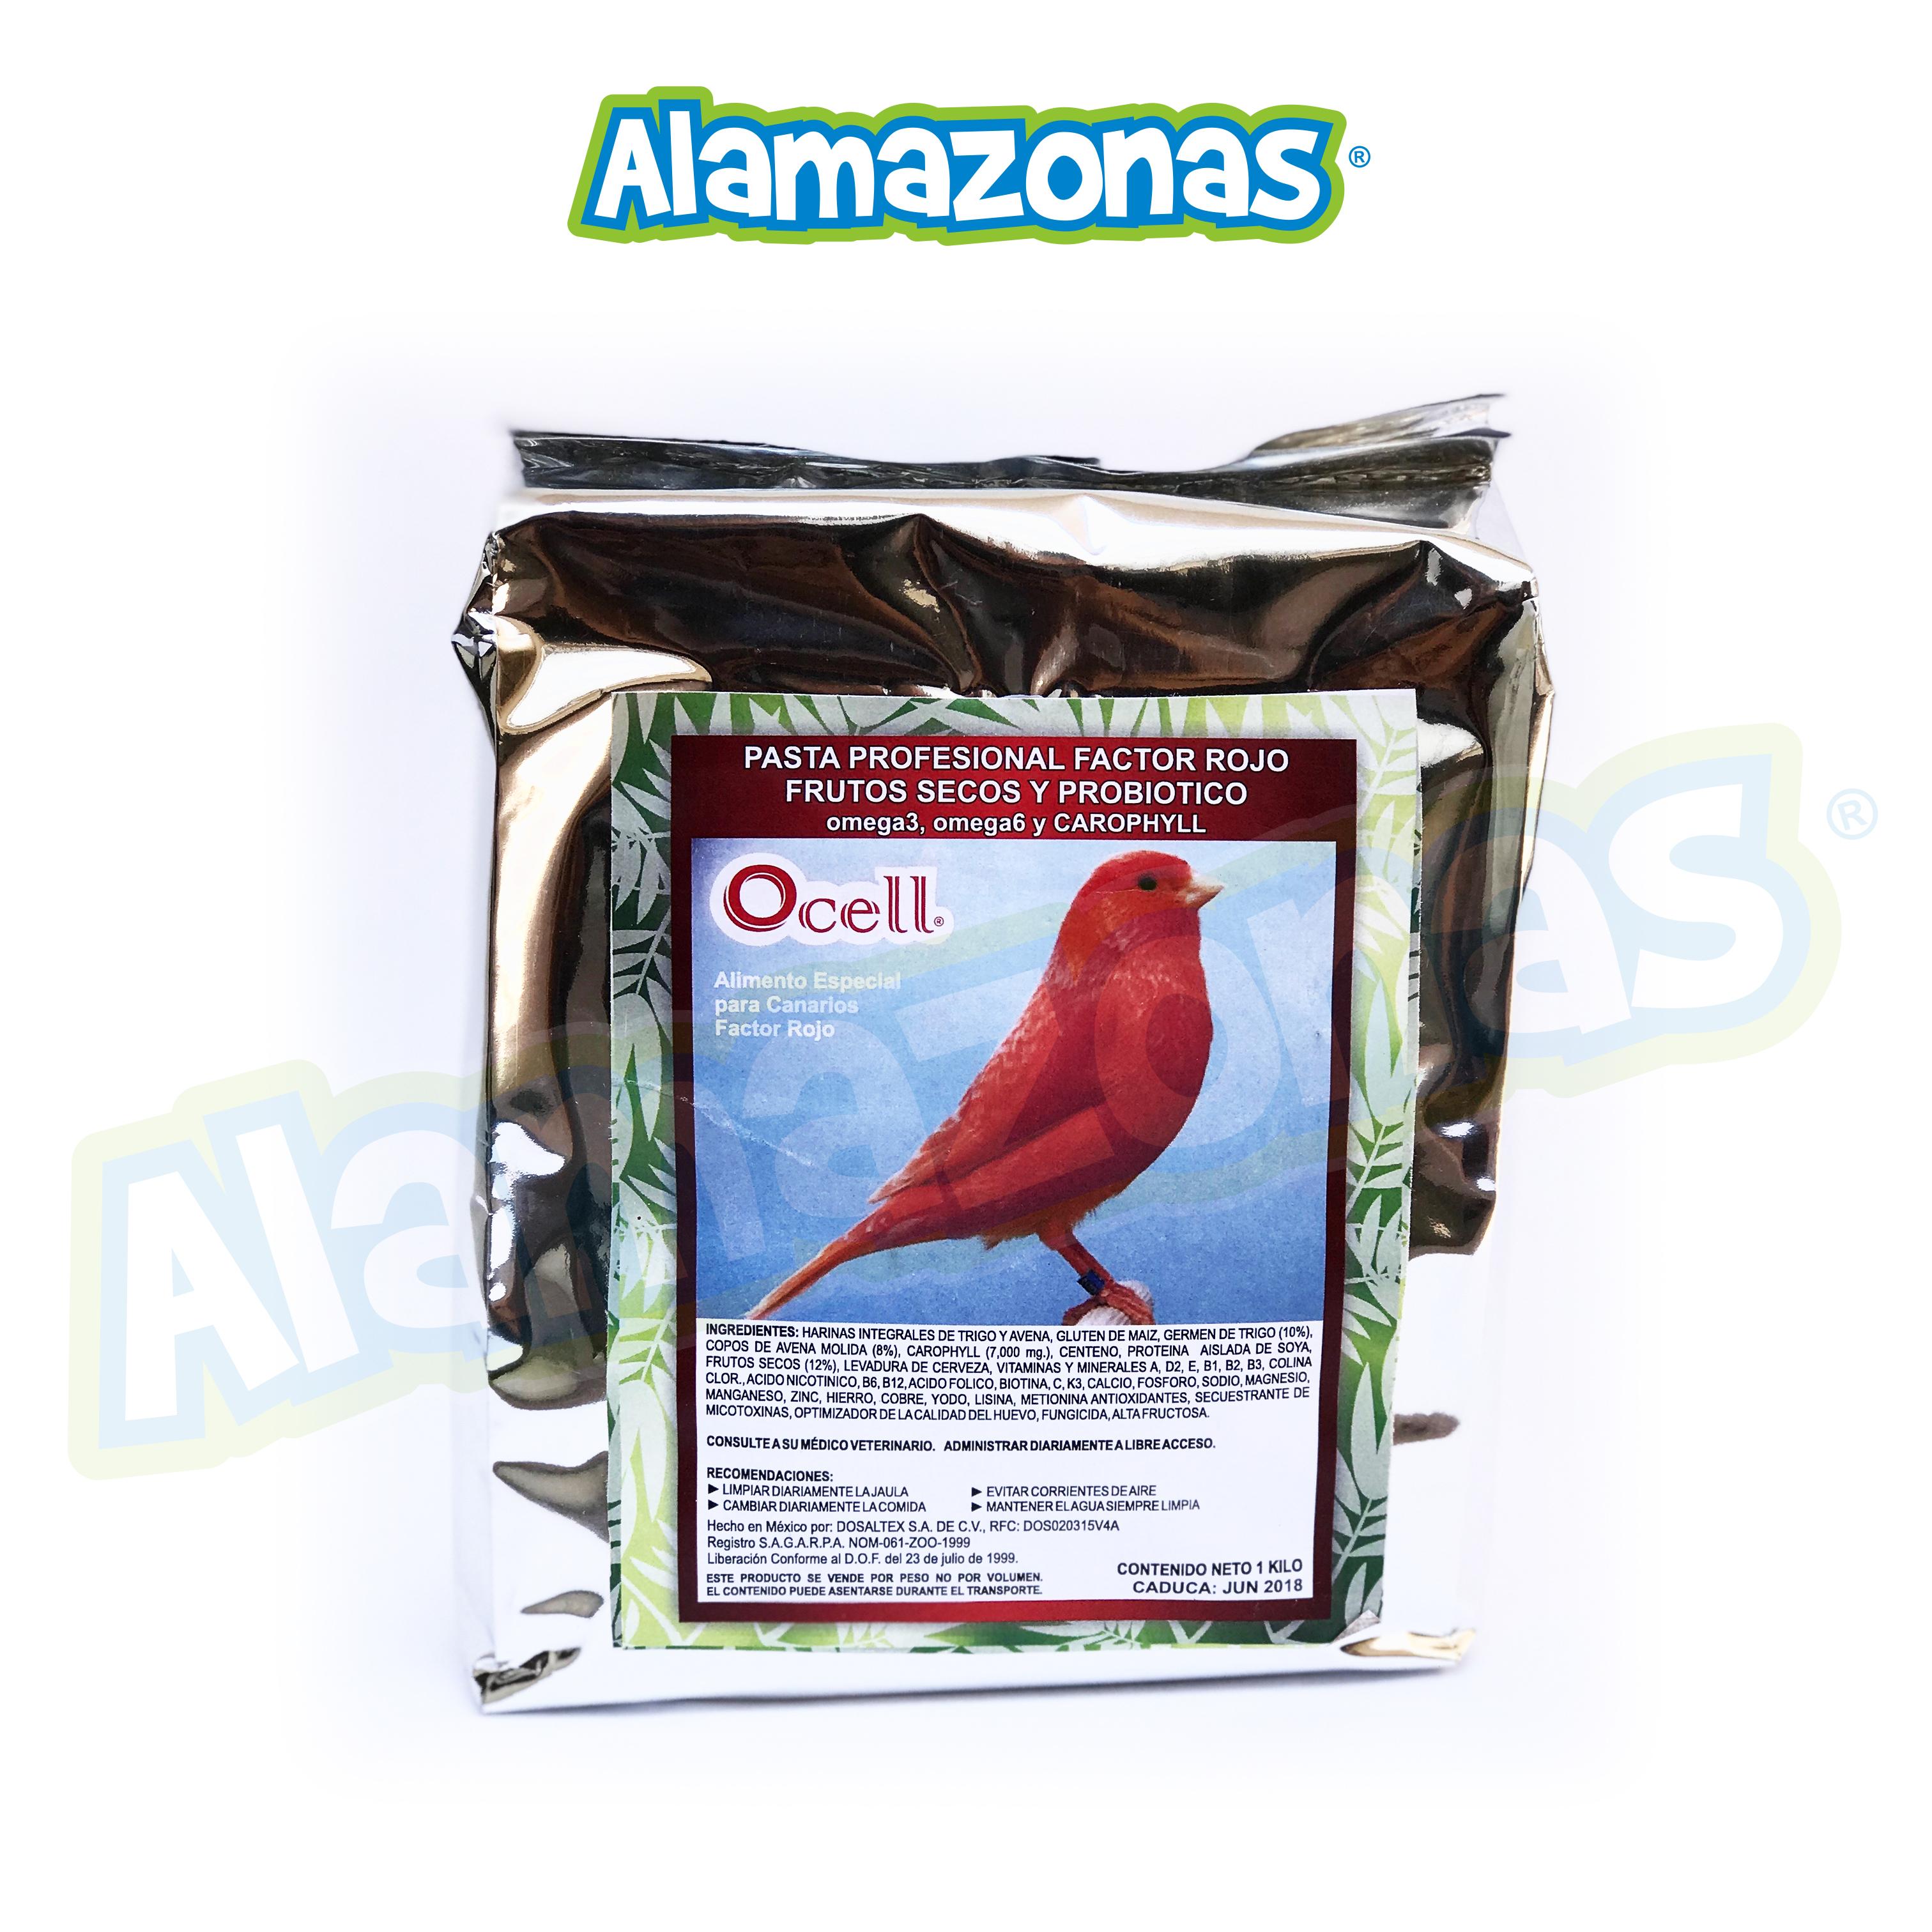 Pasta Profesional Factor Rojo, Omegas 3-6 Frutos Secos, Probióticos y Carophyll